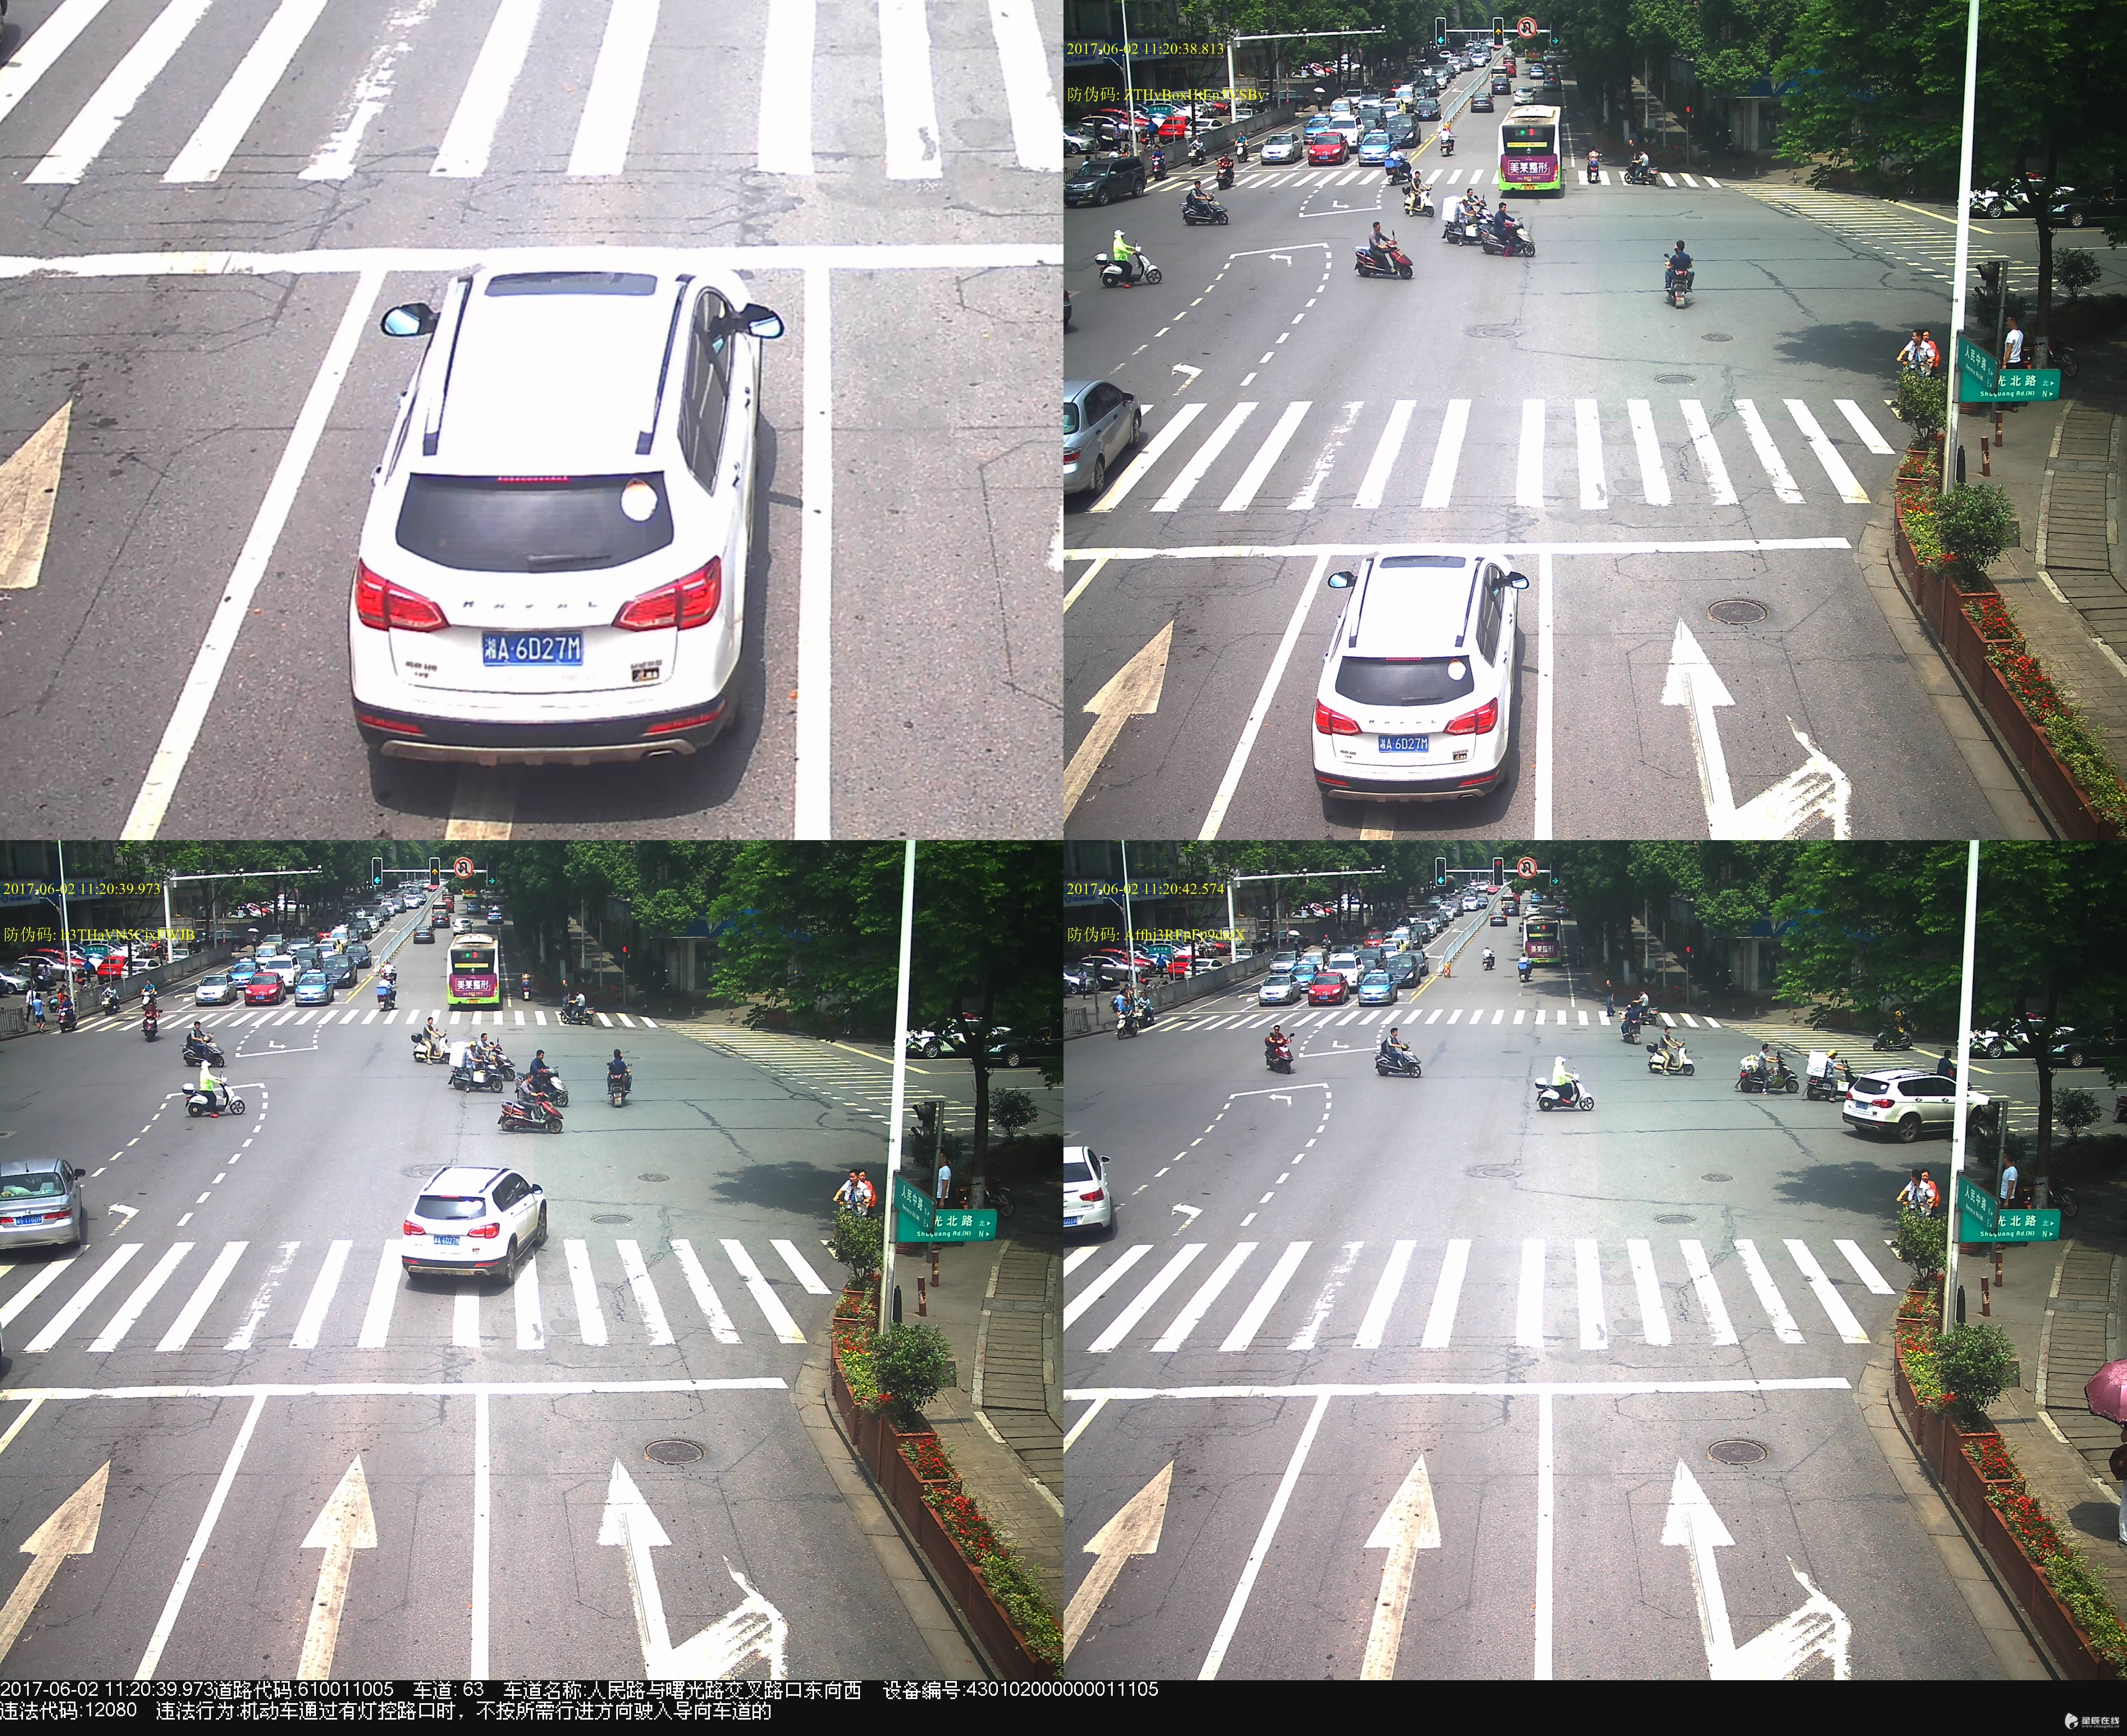 湘a6d27m 不按导向车道行驶